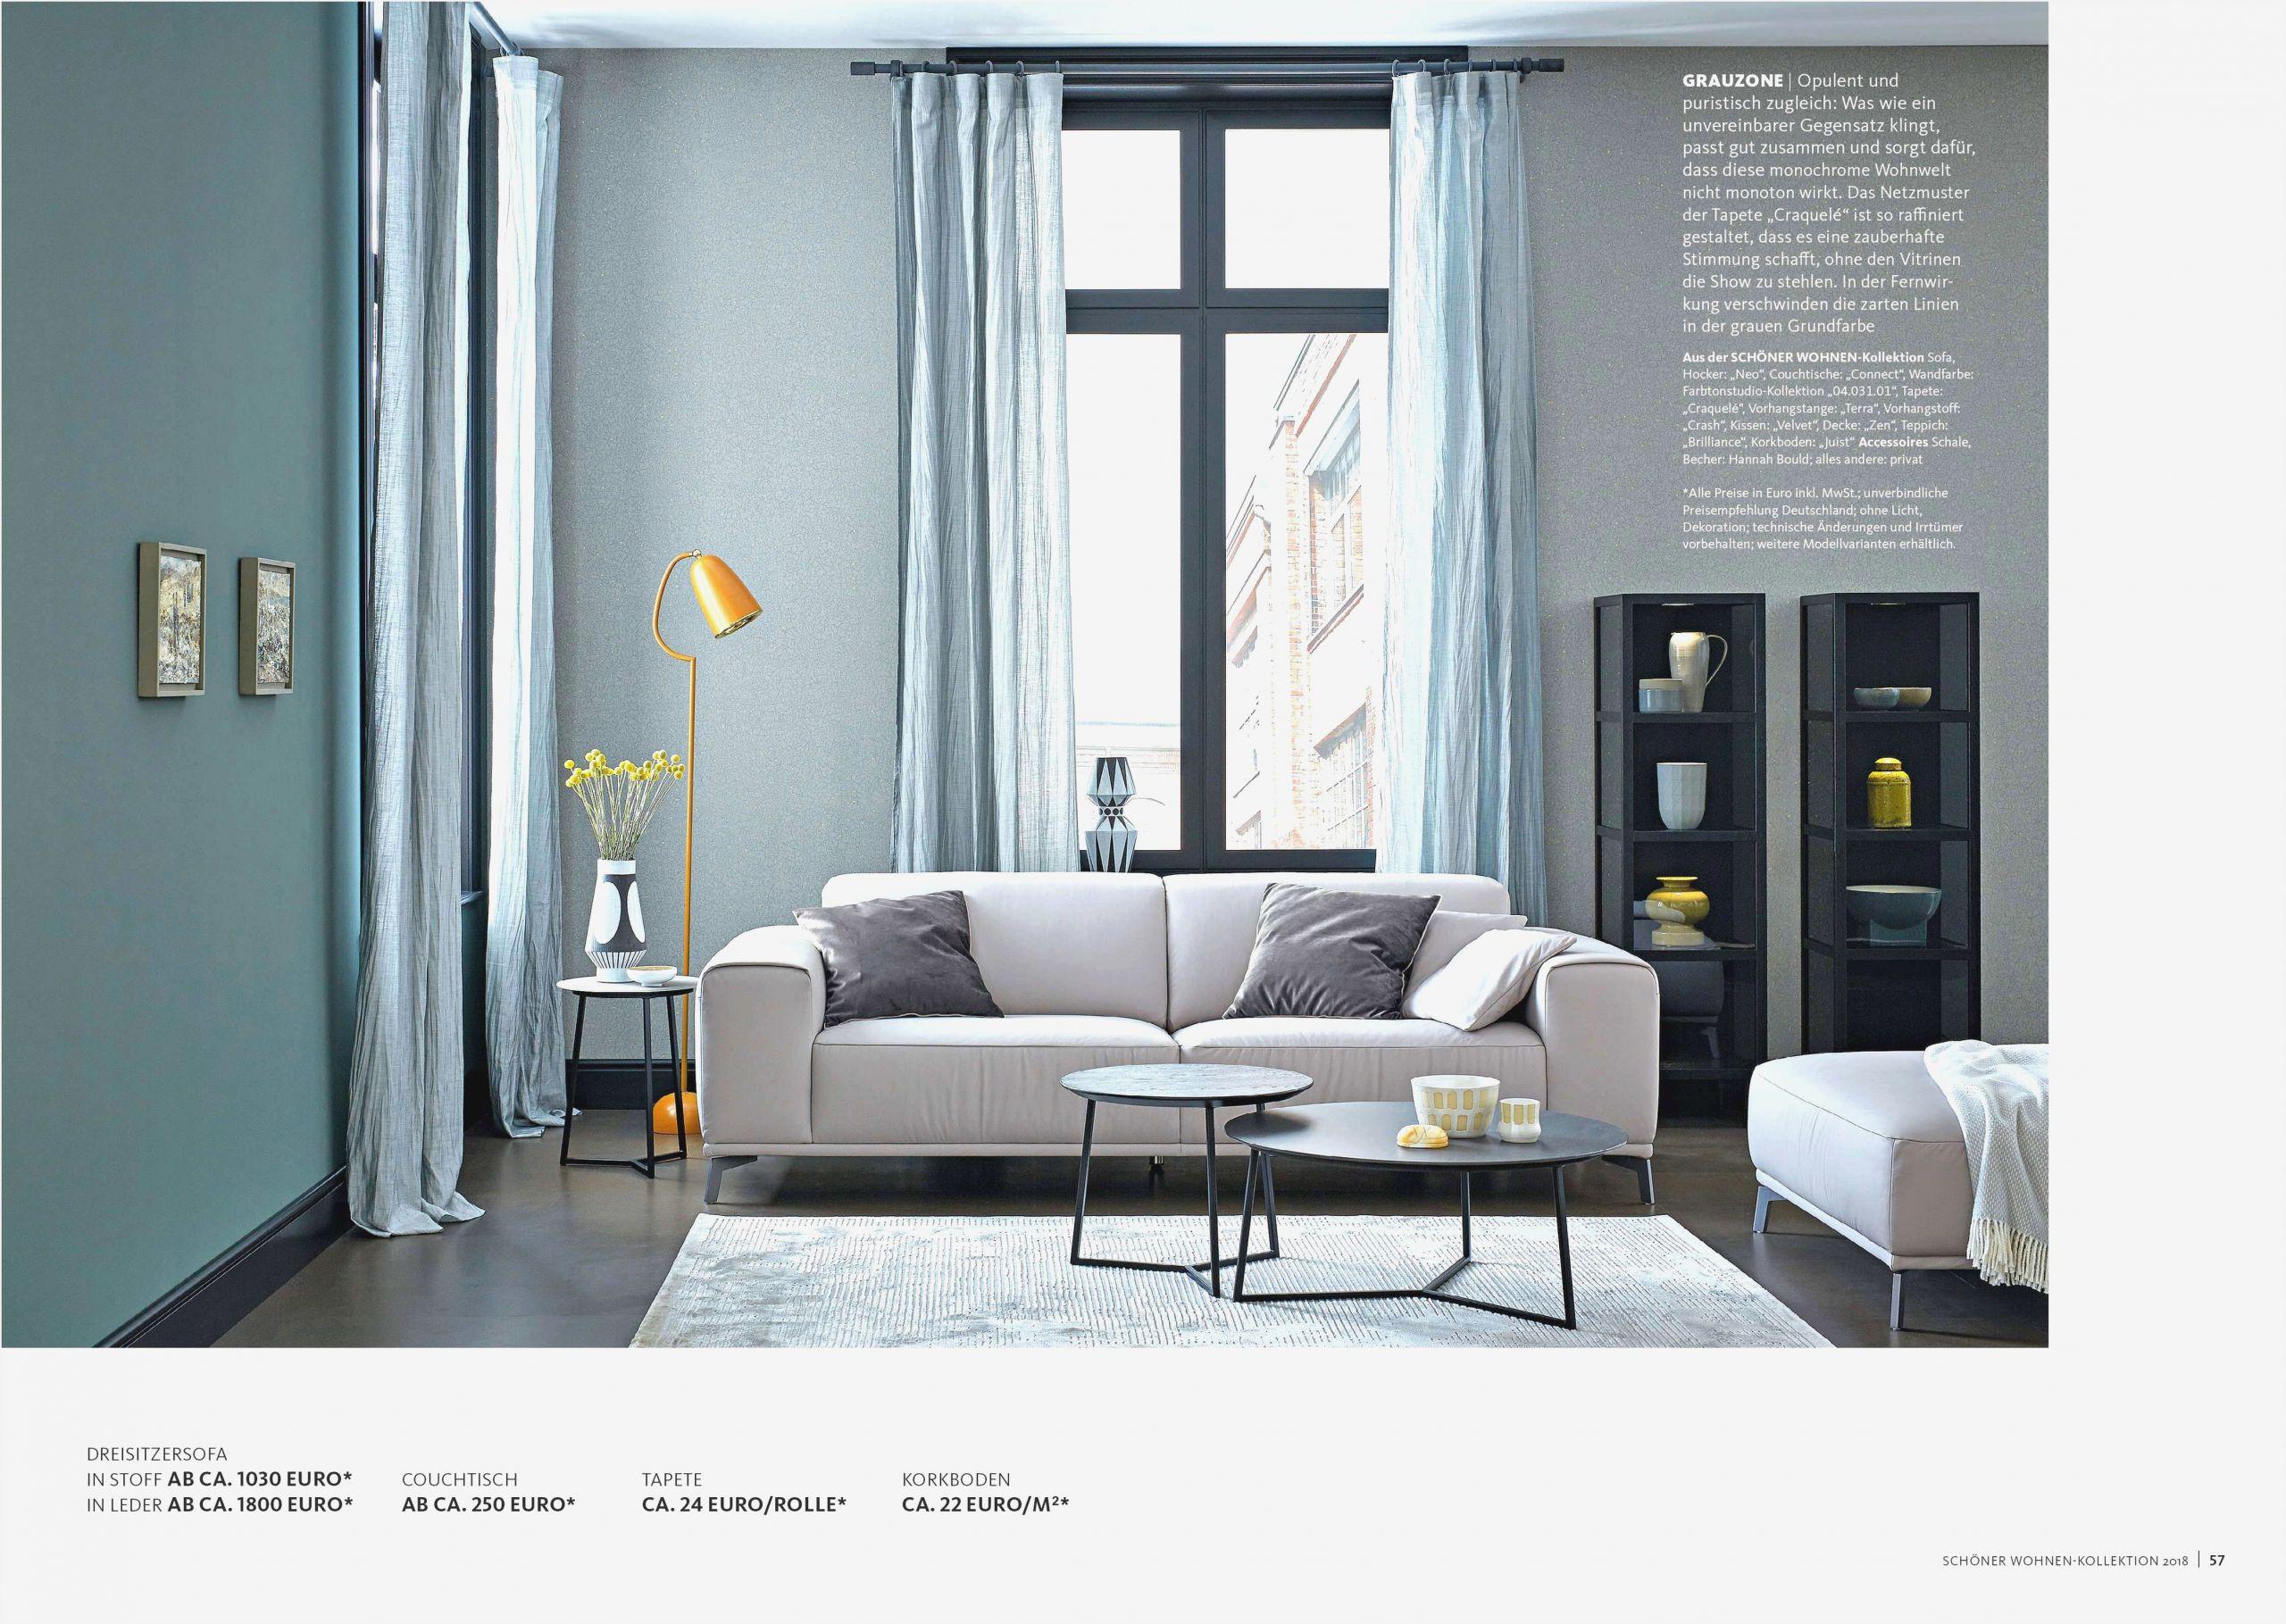 Full Size of Tapeten Ideen Wohnzimmer Grn Traumhaus Dekoration Für Küche Fototapeten Die Schlafzimmer Bad Renovieren Wohnzimmer Tapeten Ideen